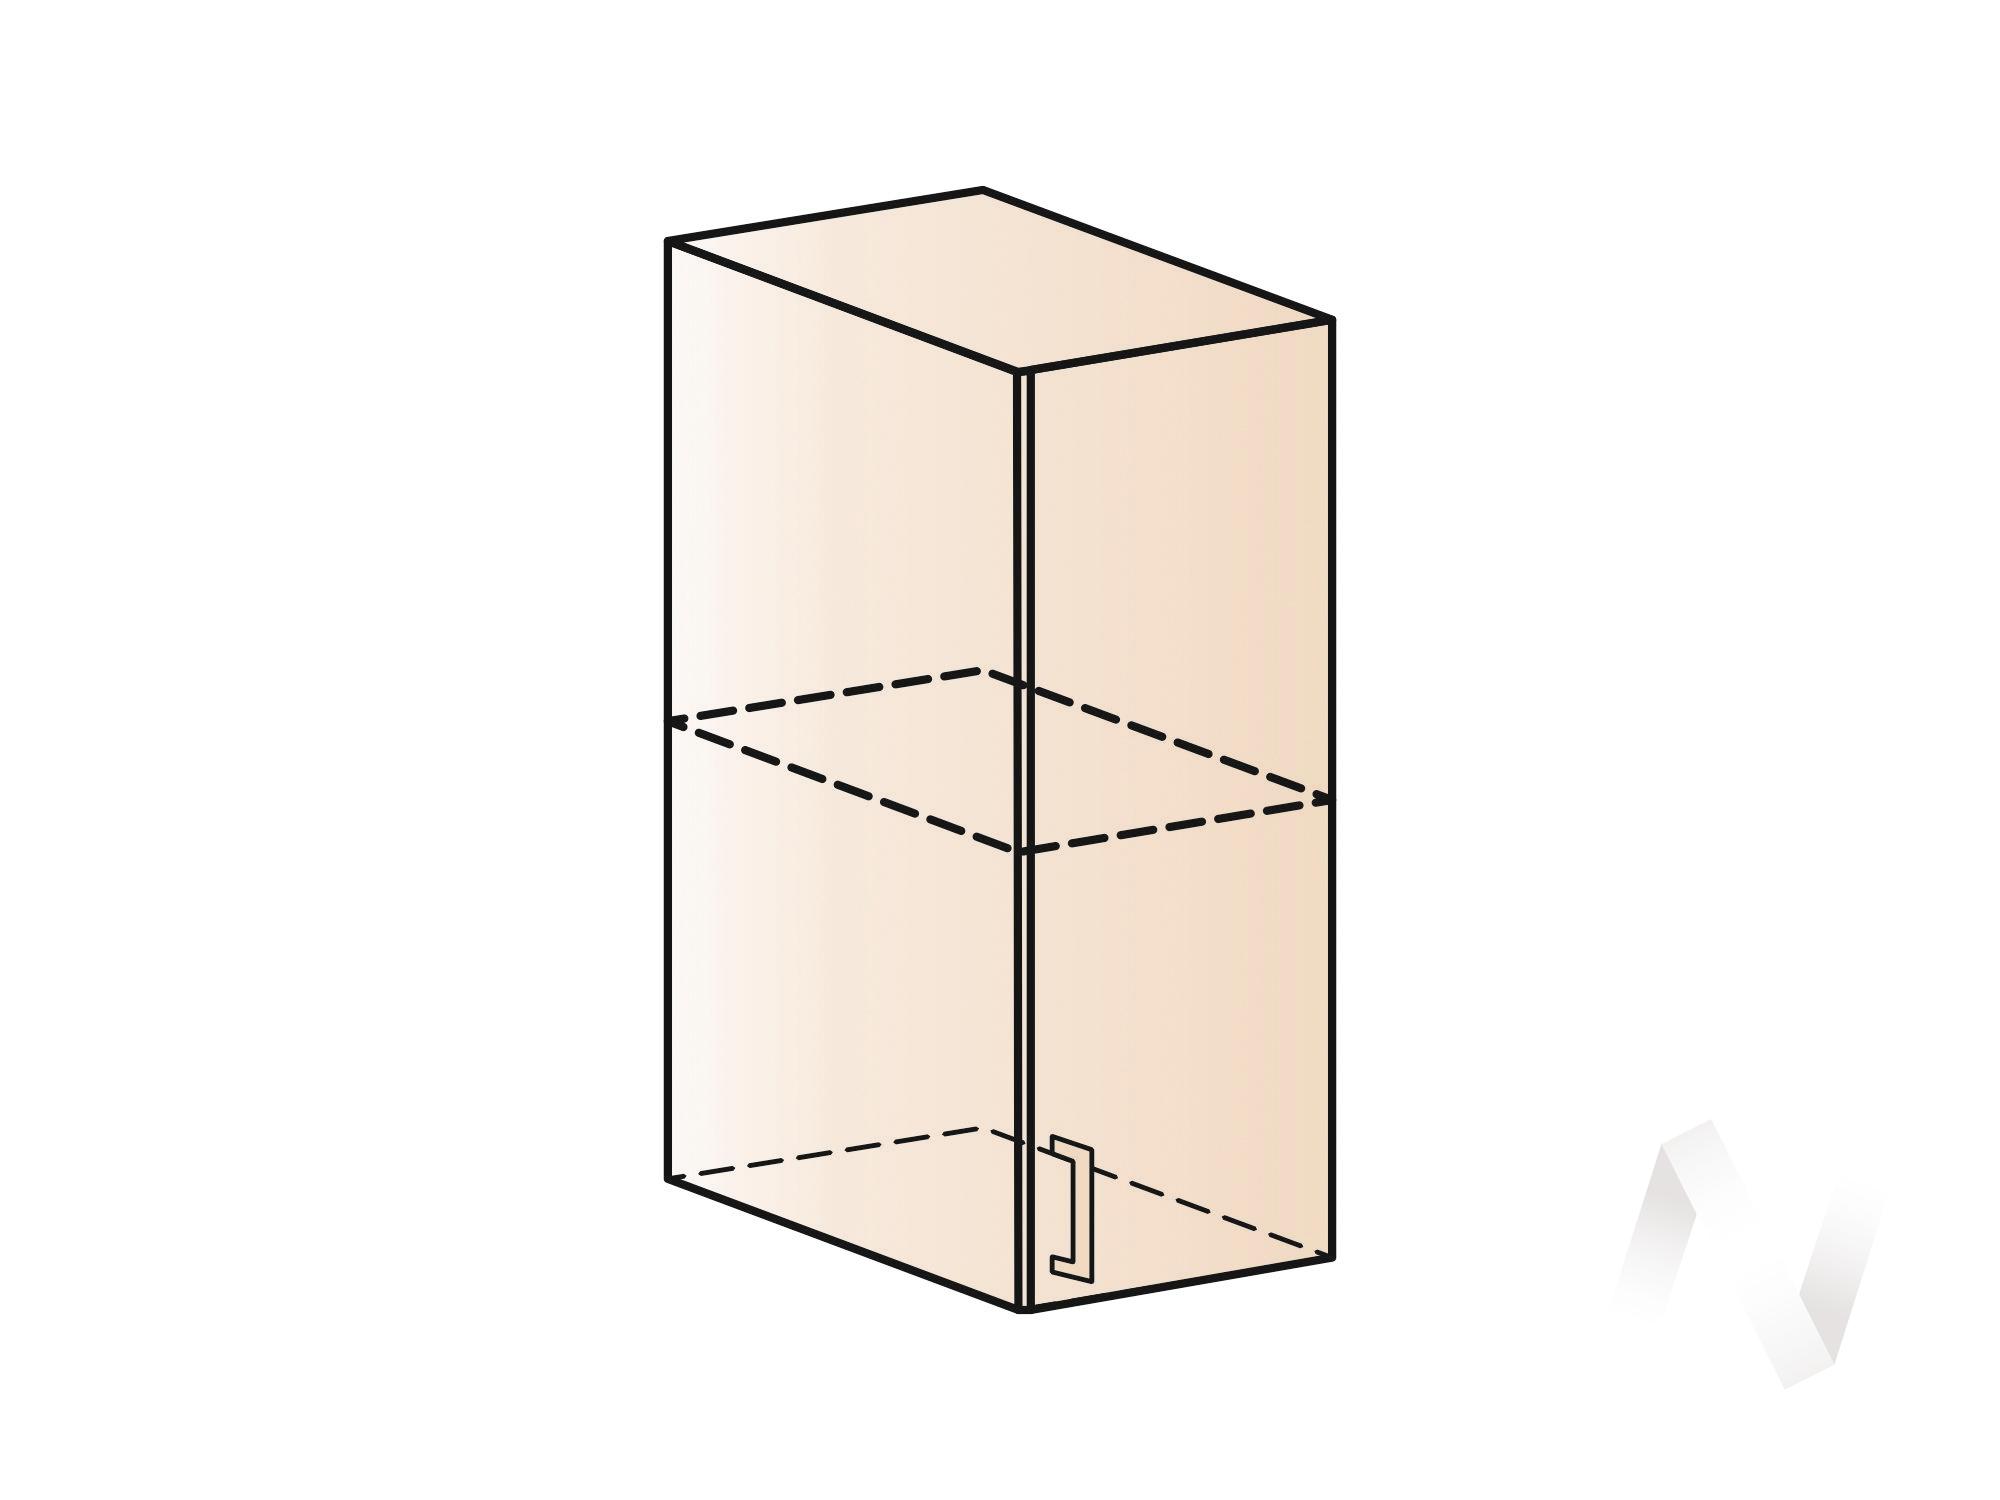 """Кухня """"Люкс"""": Шкаф верхний 300, ШВ 300 (Шоколад матовый/корпус венге) в Томске — авторская мебель Экостиль"""